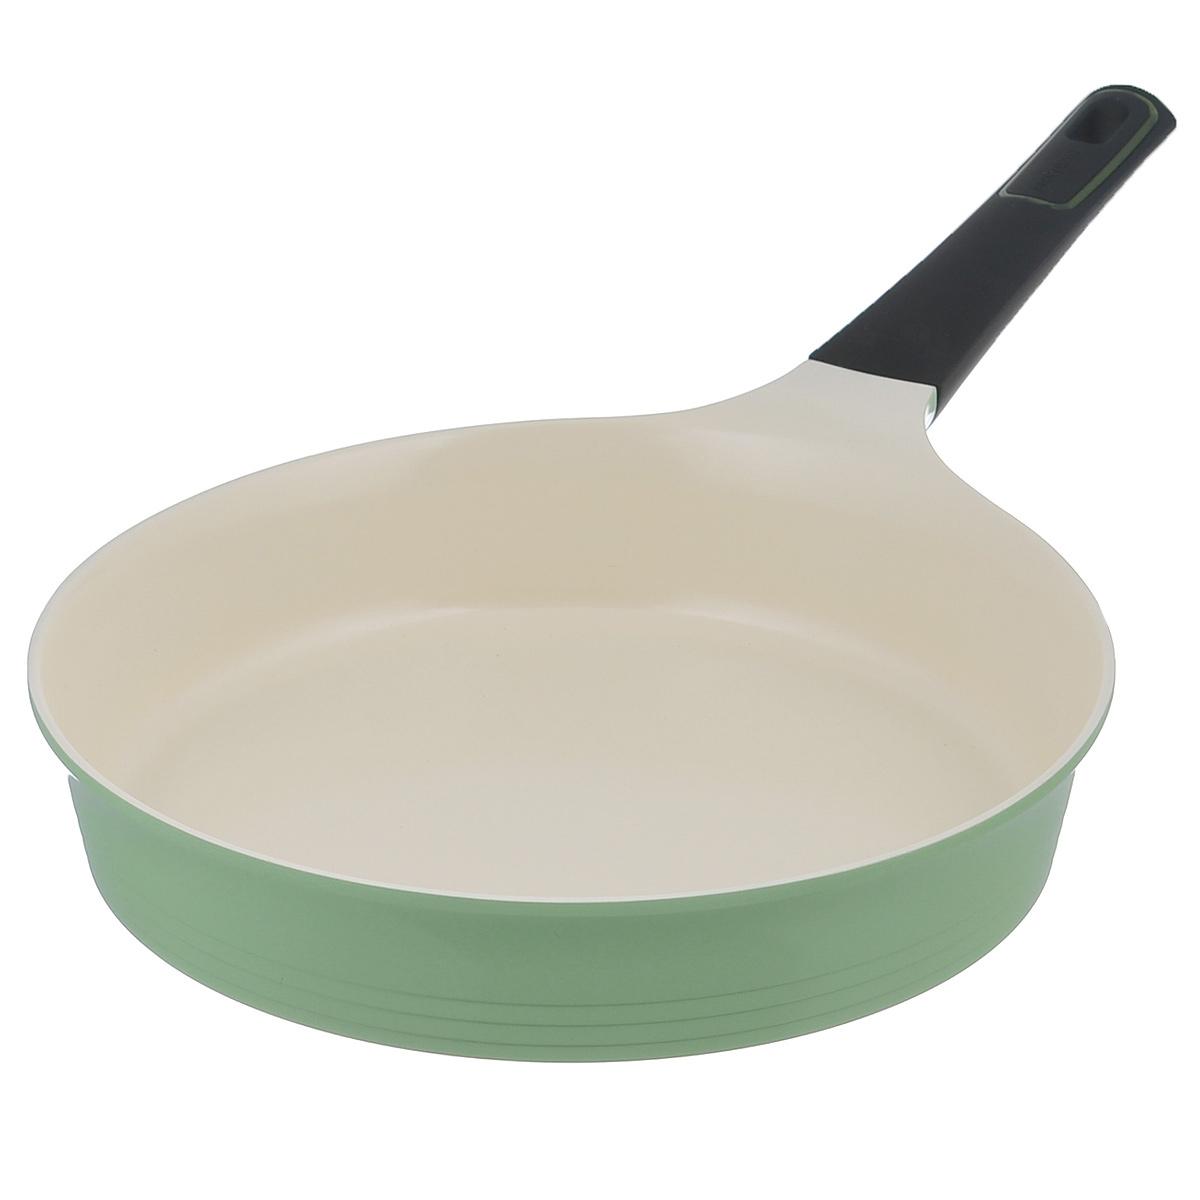 Сковорода Frybest Evergreen, с керамическим покрытием, цвет: зеленый. Диаметр 28 см6028Сковорода Frybest Evergreen выполнена из литого алюминия с инновационным керамическим покрытием Ecolon, в производстве которого используются природные материалы - камни и песок.Особенности сковороды Frybest Evergreen:- мощная основа из литого алюминия, специальное утолщенное дно для идеальной теплопроводности, - эргономичная, удлиненная Soft-touch ручка всегда остается холодной, - керамическое антипригарное покрытие, позволяющее готовить практически без масла, - керамика как внутри, так и снаружи, легко готовить - легко мыть, - непревзойдненная прочность и устойчивость к царапинам, - слой анионов (отрицательно заряженных ионов), обладающих антибактериальными свойствами, они намоного дольше сохраняют приготовленную пищу свежей, - отсутствие токсичных выделений в процессе приготовления пищи, - изысканное сочетание зеленого внешнего и нежного кремового внутреннего керамического покрытия. Сковорода подходит для использования на стеклокерамических, газовых, электрических плитах. Можно мыть в посудомоечной машине. Характеристики:Материал: алюминий, керамическое покрытие, бакелит. Цвет: зеленый, кремовый. Внутренний диаметр сковороды: 28 см. Диаметр диска сковороды: 25,5 см. Высота стенки сковороды: 5,9 см. Толщина стенки сковороды: 3 мм. Толщина дна сковороды: 5 мм. Длина ручки сковороды: 19 см. Размер упаковки: 50 см х 29 см х 6 см. Артикул: 00000002743.